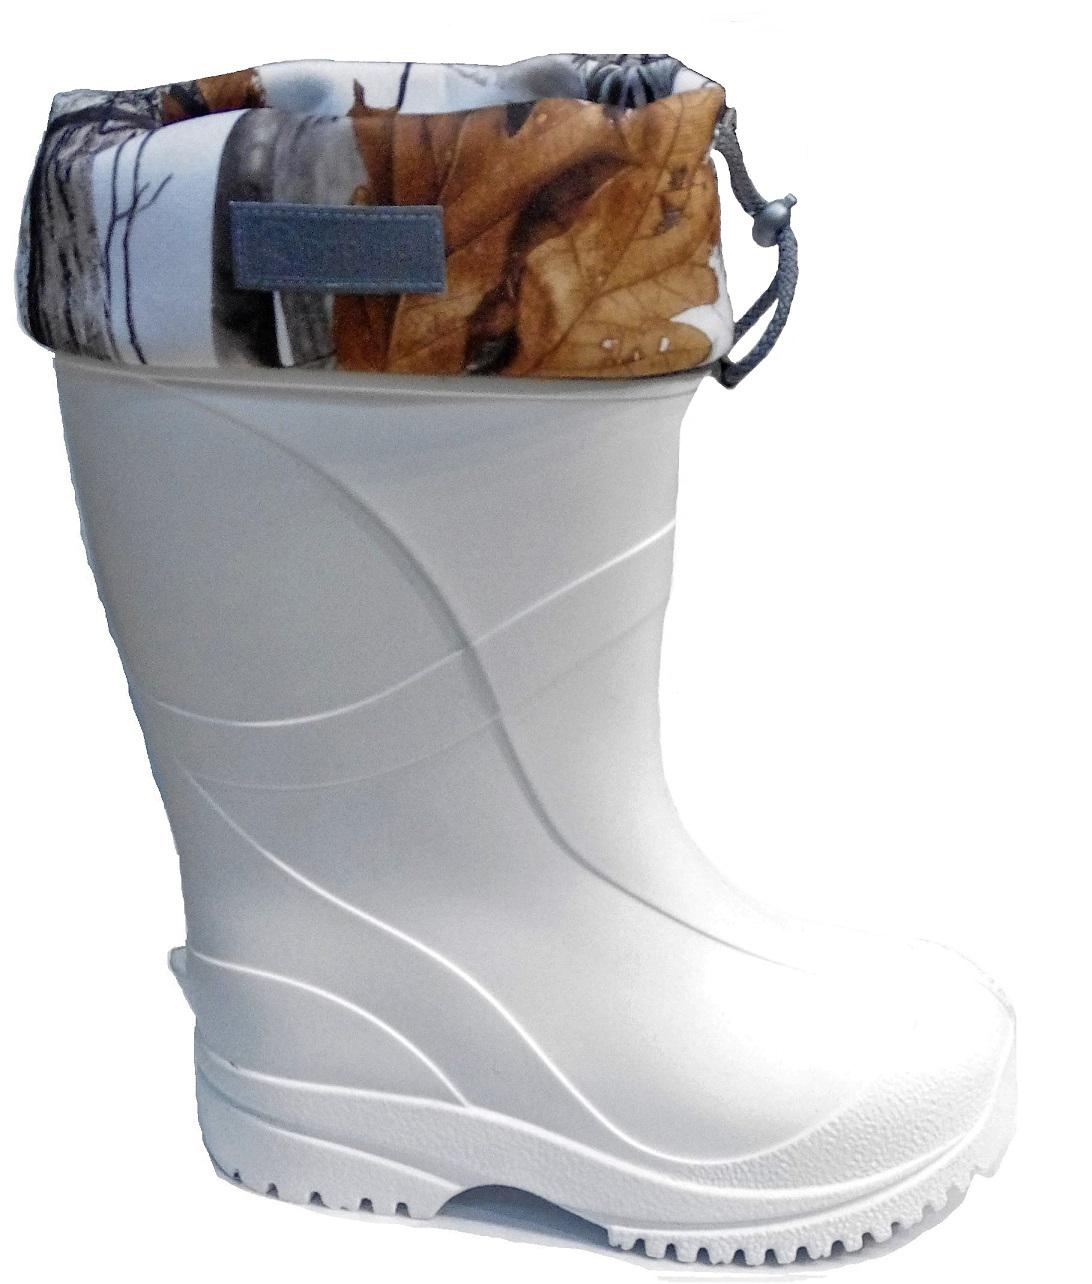 Сапоги зимние мужские Дарина Иваныч, цвет: белый. Размер 44-45. УТ000026874Д343-НУIce land/44-45белСапоги мужские зимние ЭВА Иваныч выдержат морозы до -60С.Сверхпрочный износостойкий материал Step создаёт надёжный барьер от холода. Трикотажное полотно с гидрофобными волокнами помогает ногам оставаться сухими. Натуральный мех дарит комфорт и защищает от мороза. Мембранная сетка позволяет ногам дышать и не пропускает влагу внутрь. Металлизированная фольга отражает холод и сохраняет тепло.